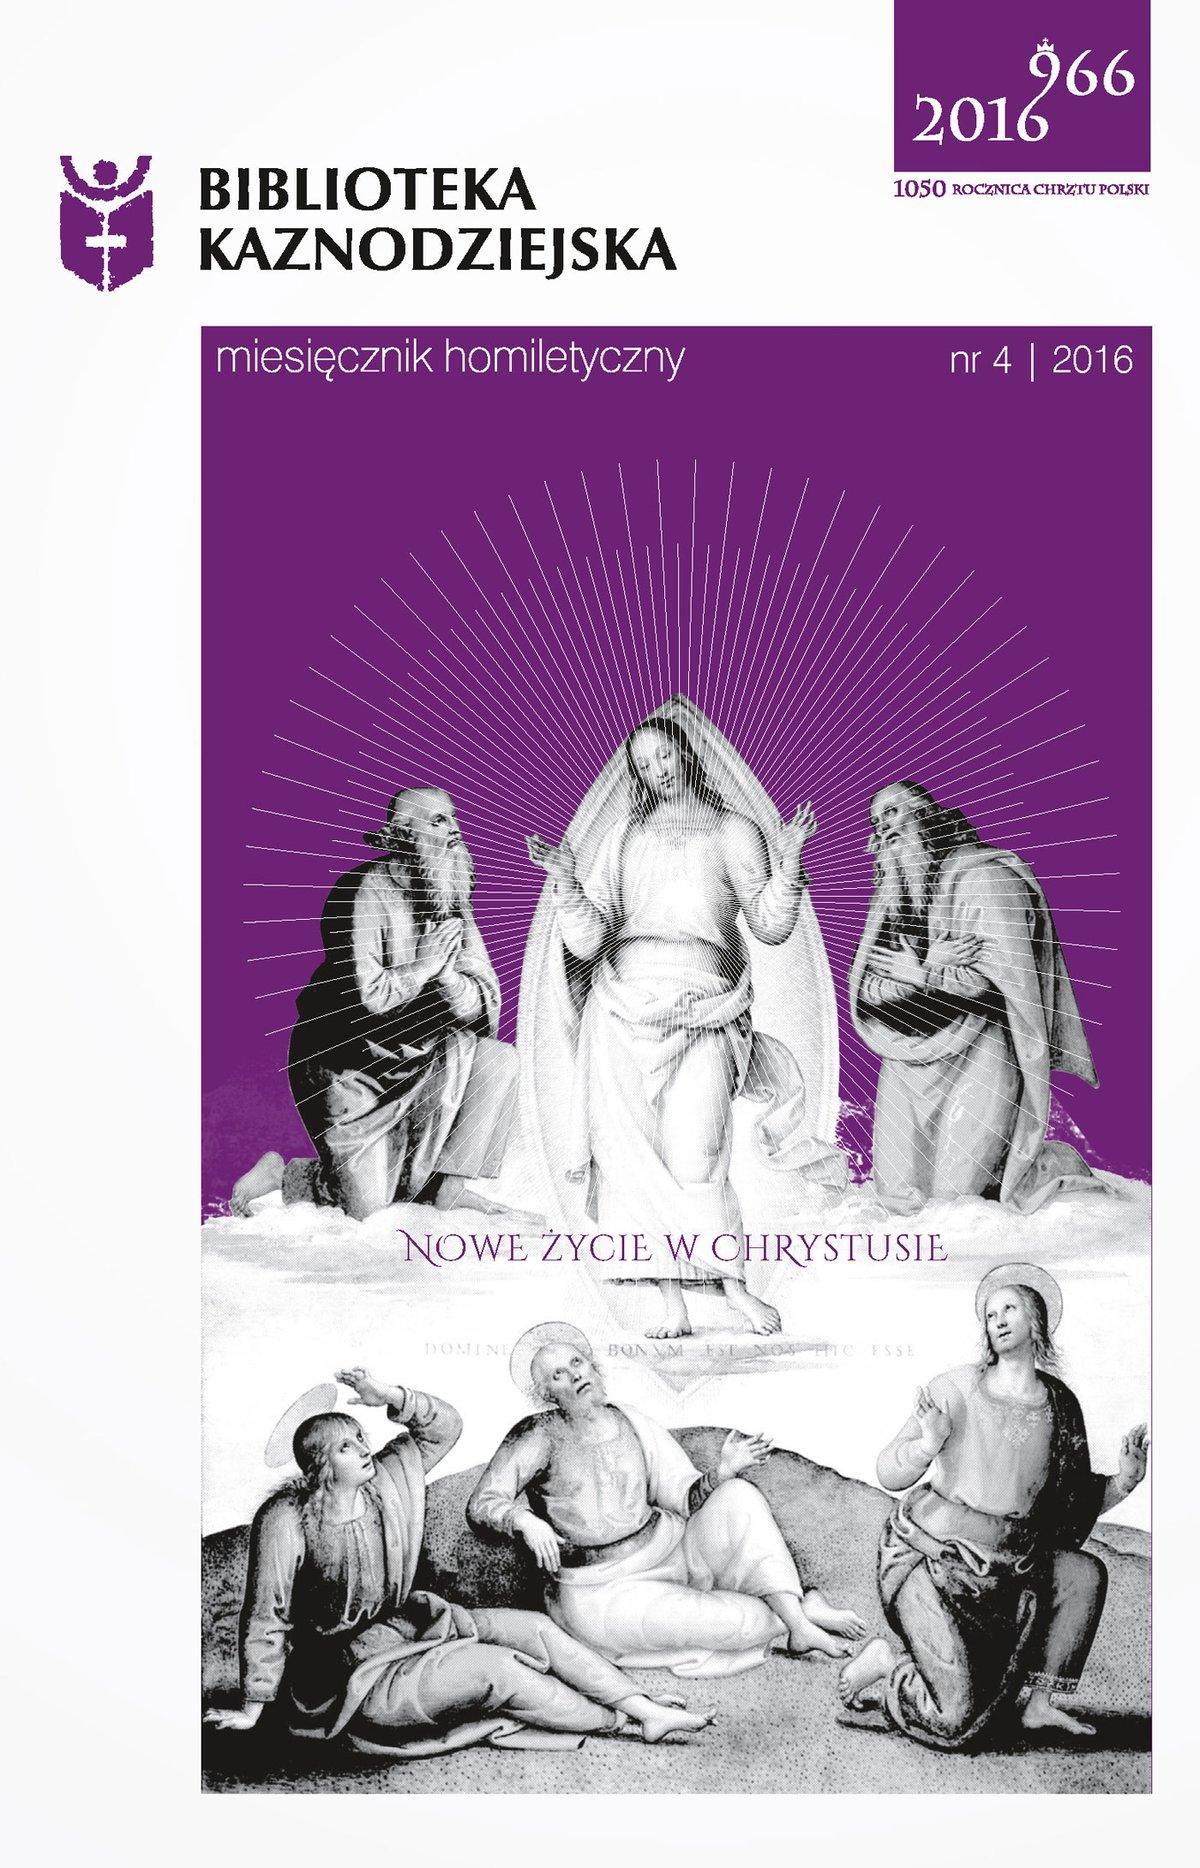 Biblioteka Kaznodziejska nr 04/2016 - Ebook (Książka EPUB) do pobrania w formacie EPUB